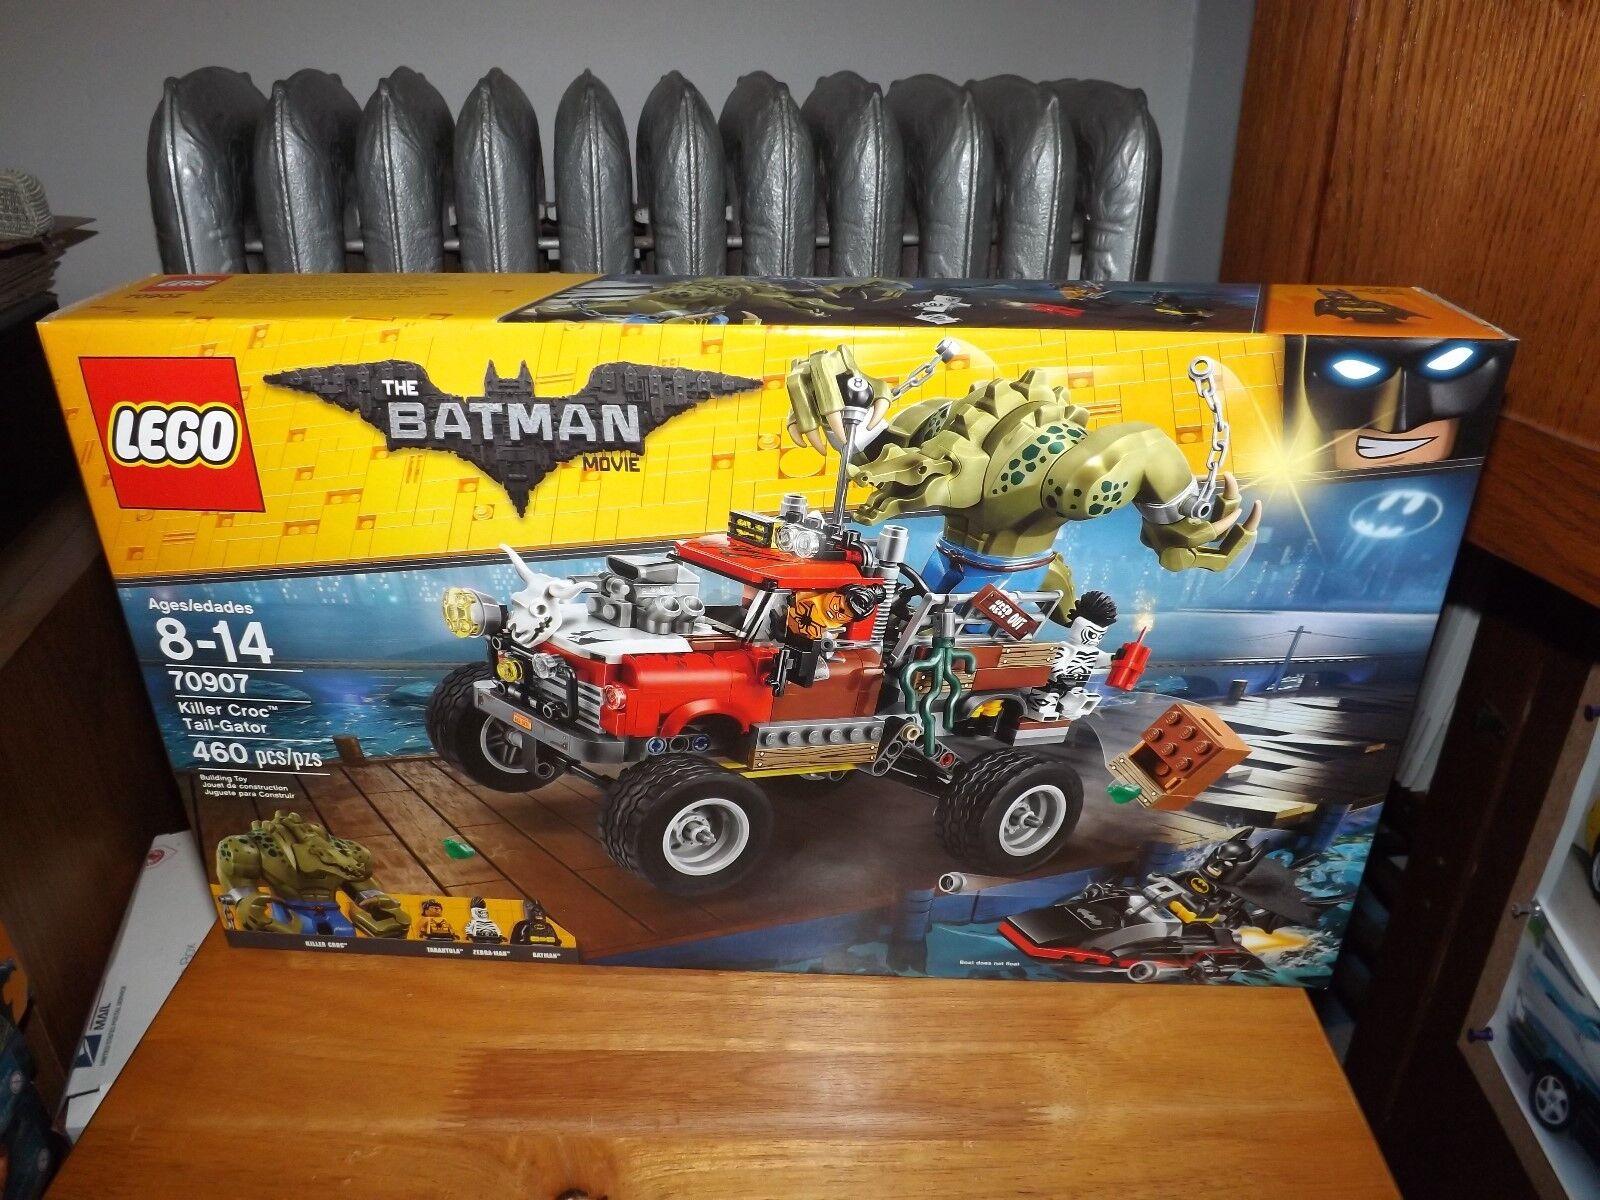 LEGO, THE BATMAN MOVIE, KILLER CROC TAIL-GATOR, KIT  70907, 460 PCS, NIB, 2017